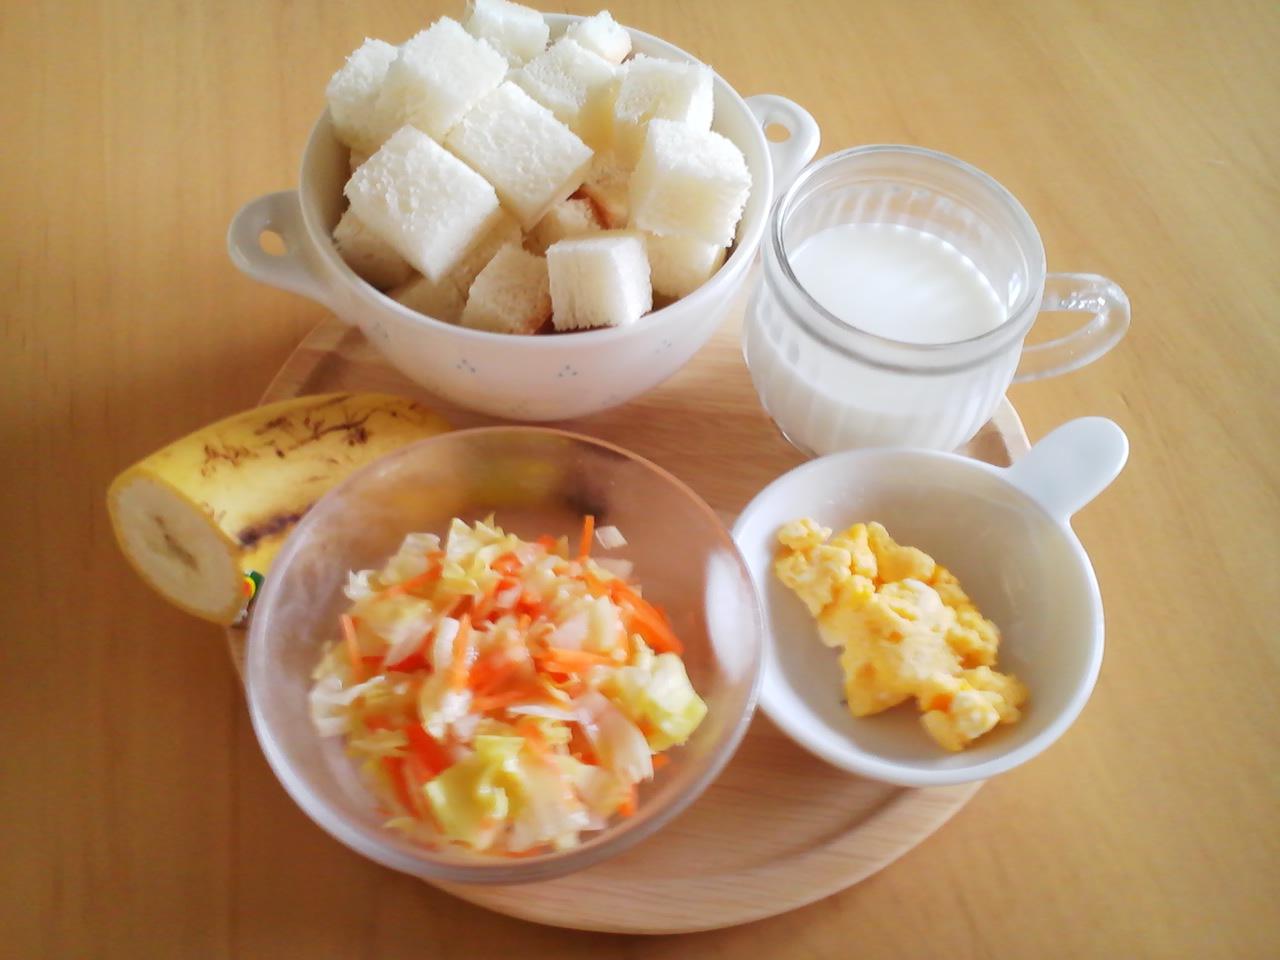 2013.08.03 朝ご飯. パン